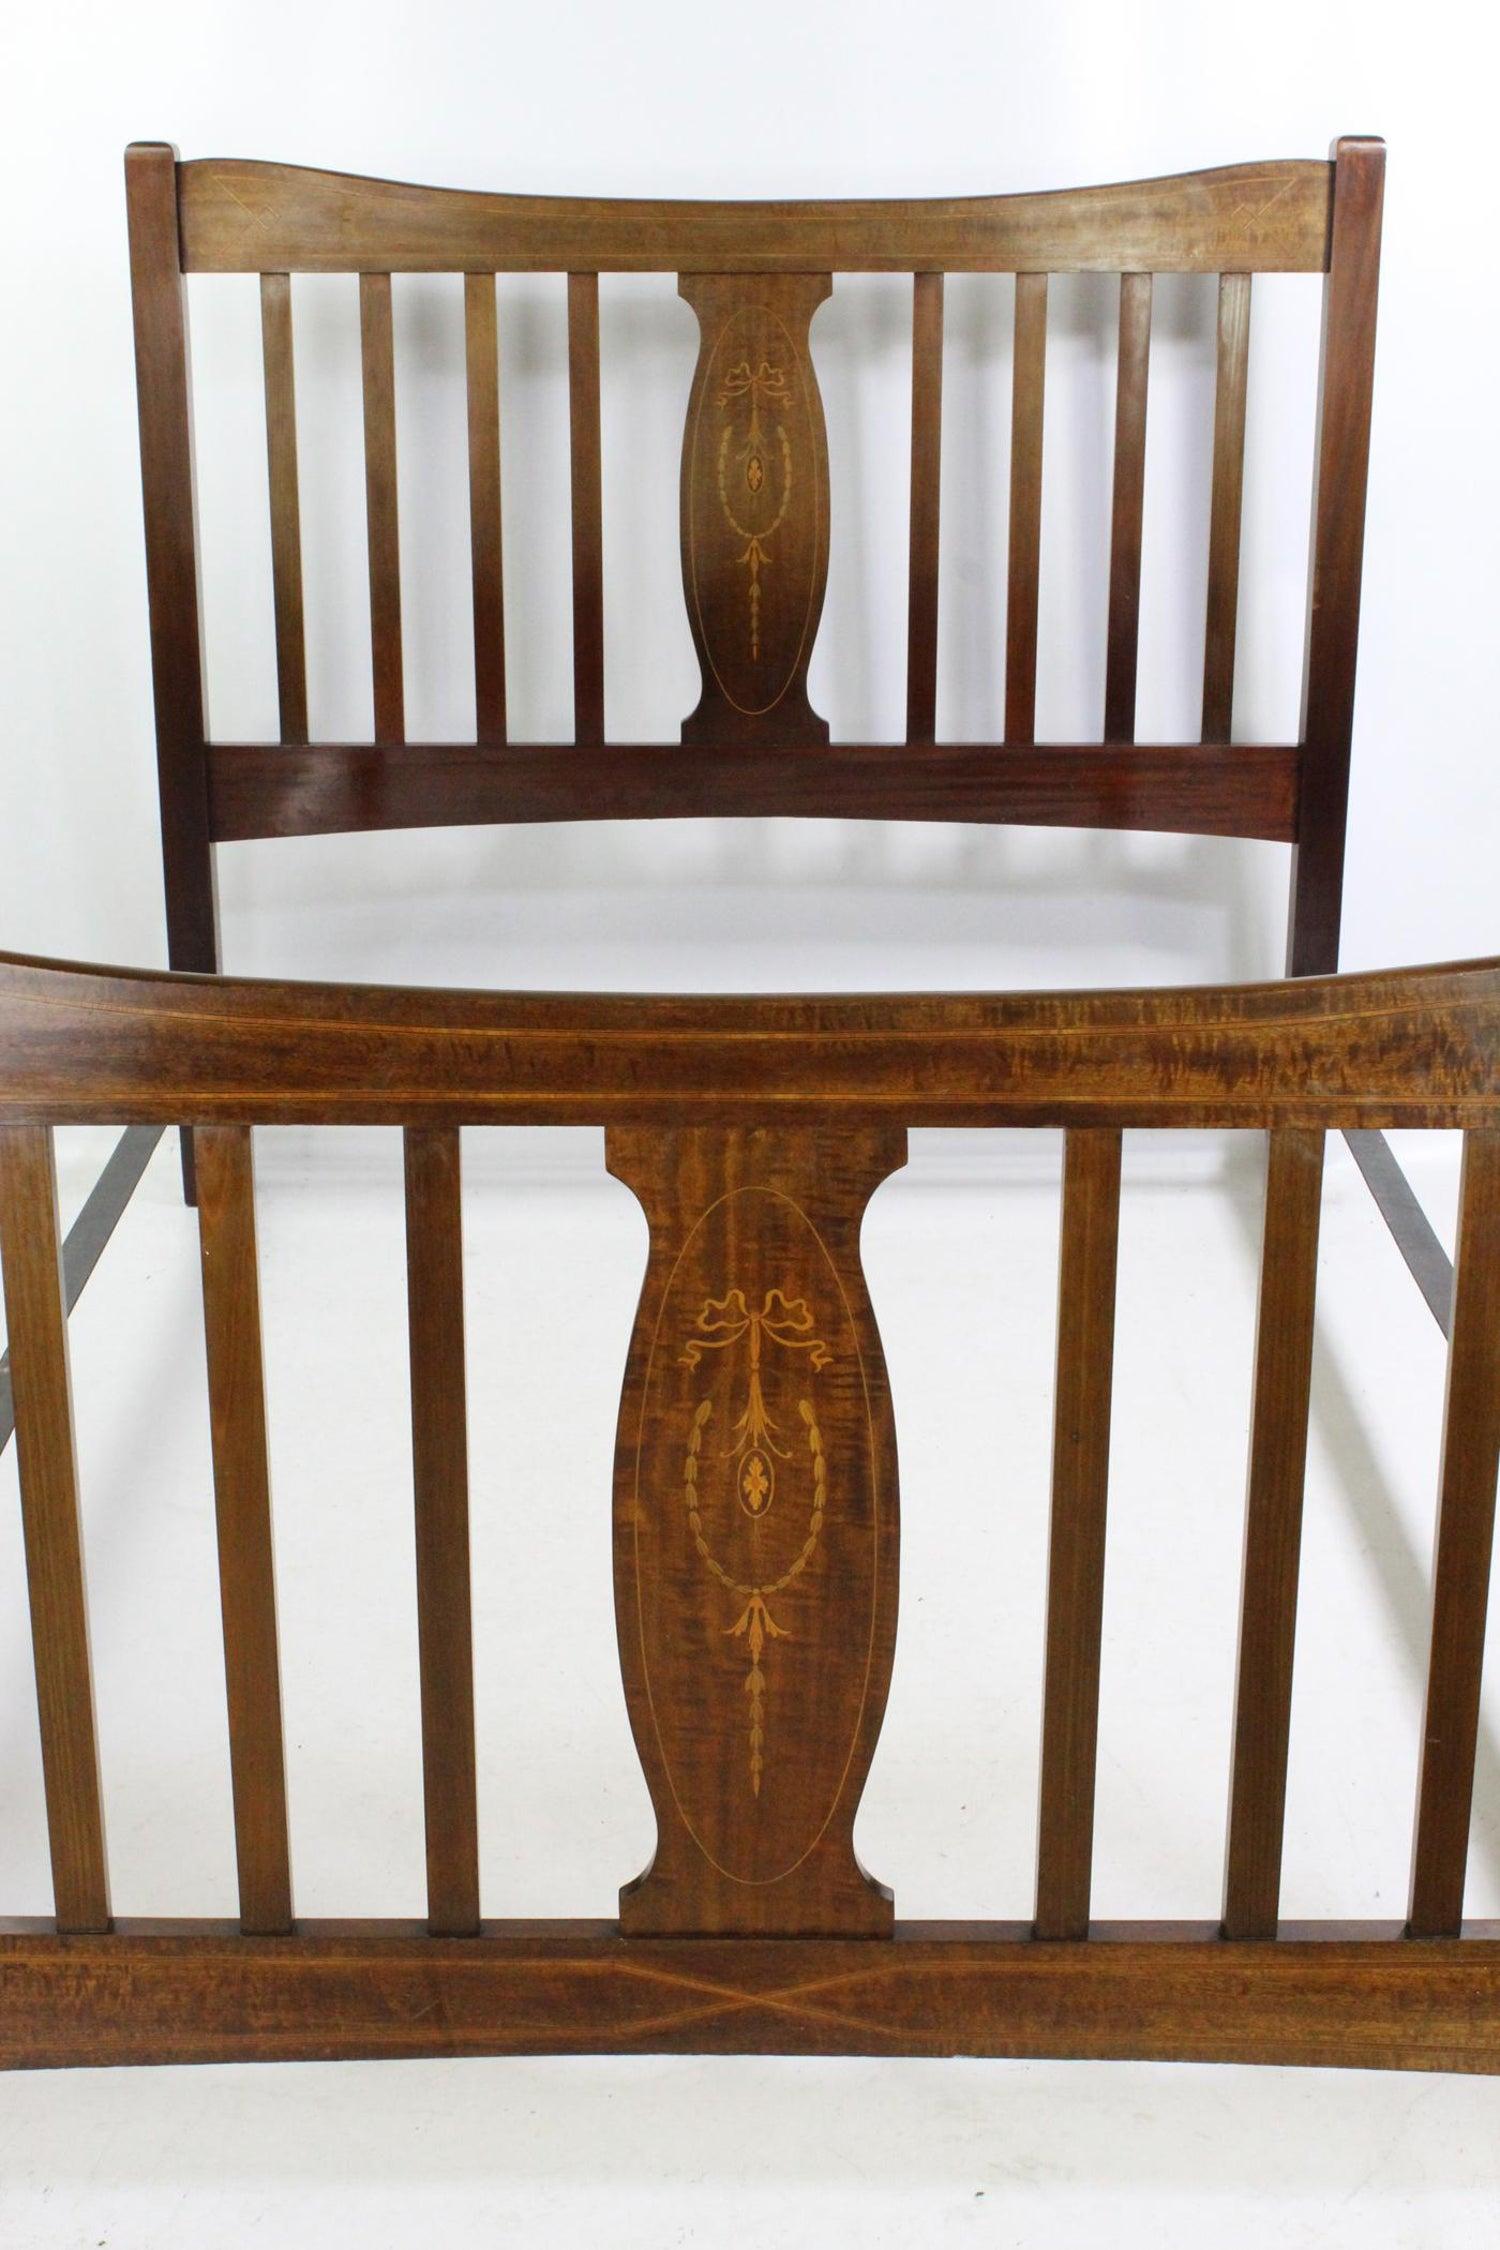 Antique English Edwardian Mahogany Inlaid Double Bed